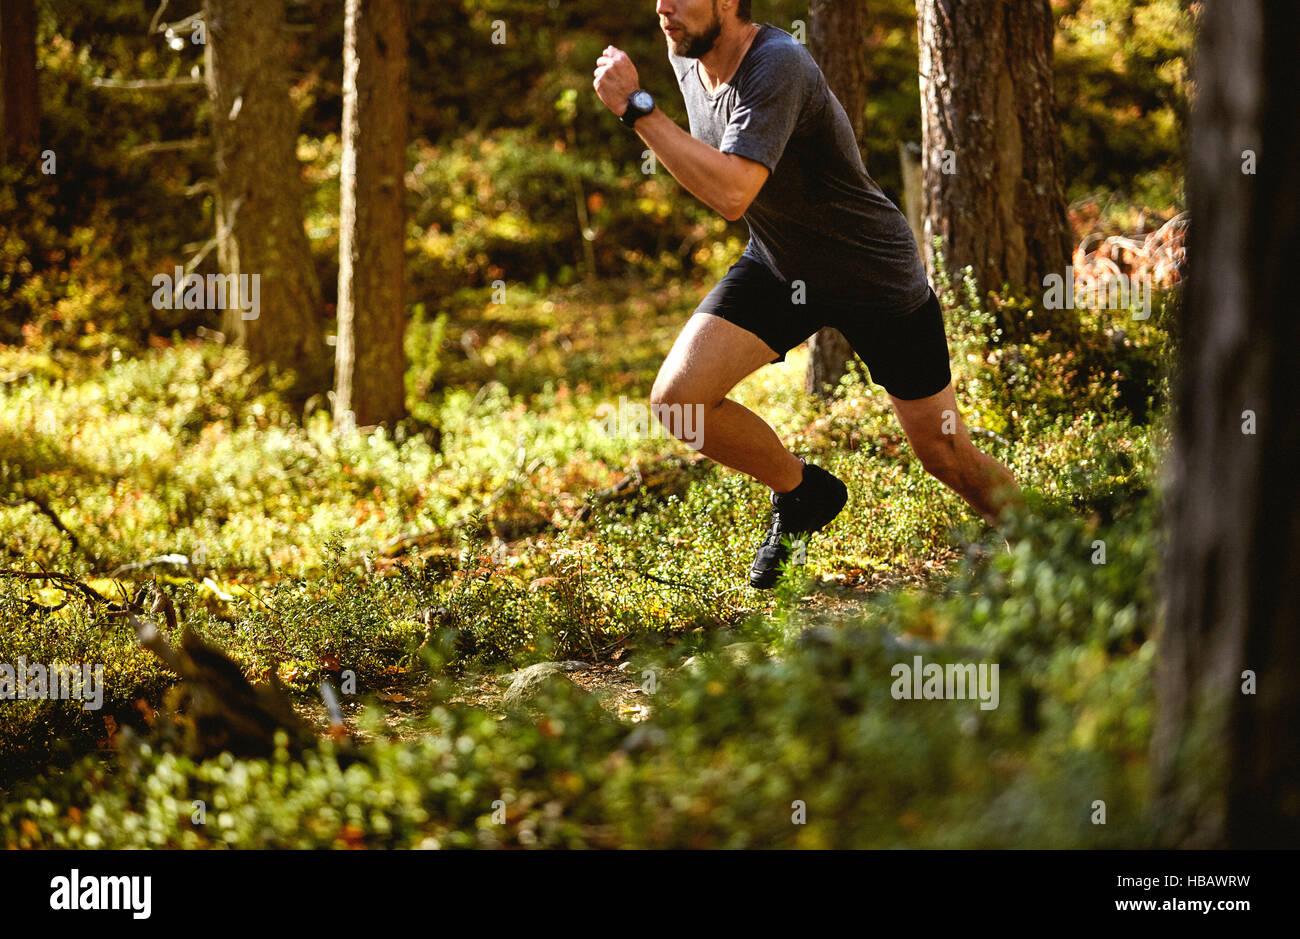 Mann läuft in Wald, Keimiotunturi, Lappland, Finnland Stockbild